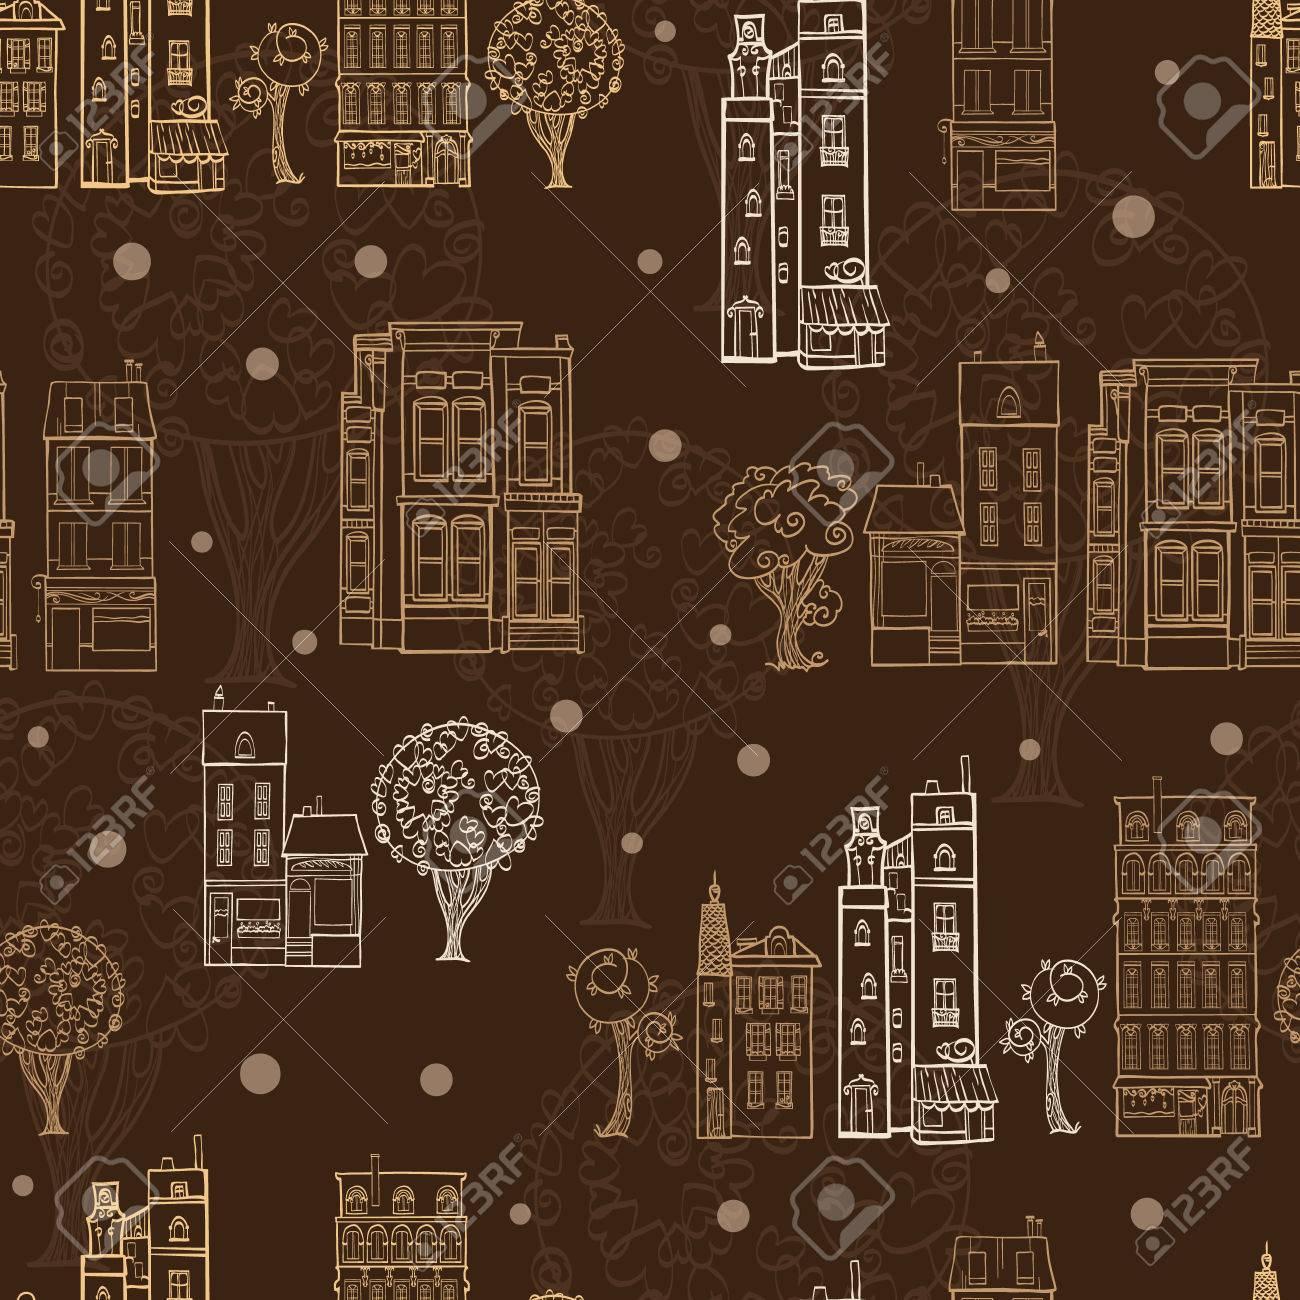 Chocolate Brown Stadthäuser Bäume Straßen Zeichnung Nahtlose Muster ...